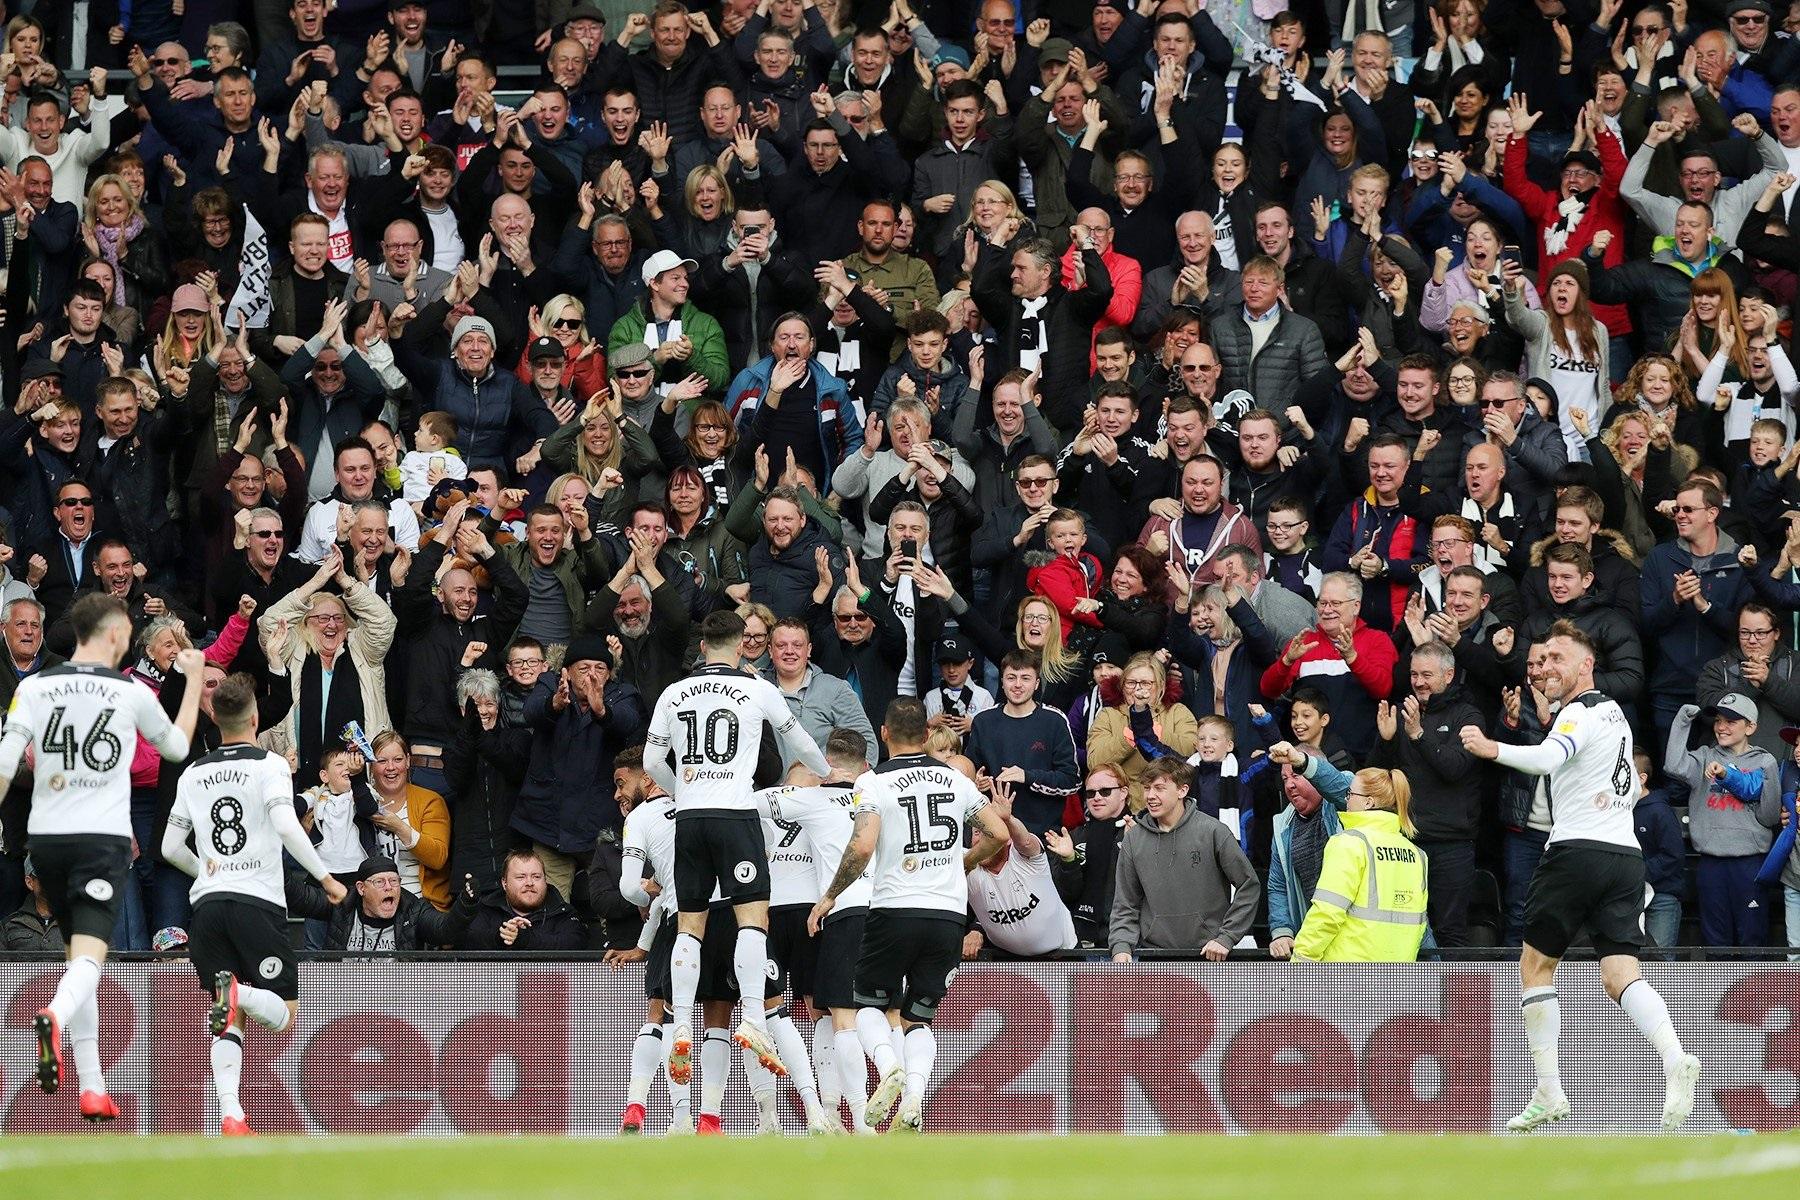 Derby County 3-1 West Brom: Đoàn quân của Frank Lampard đoạt vé dự vòng play-off